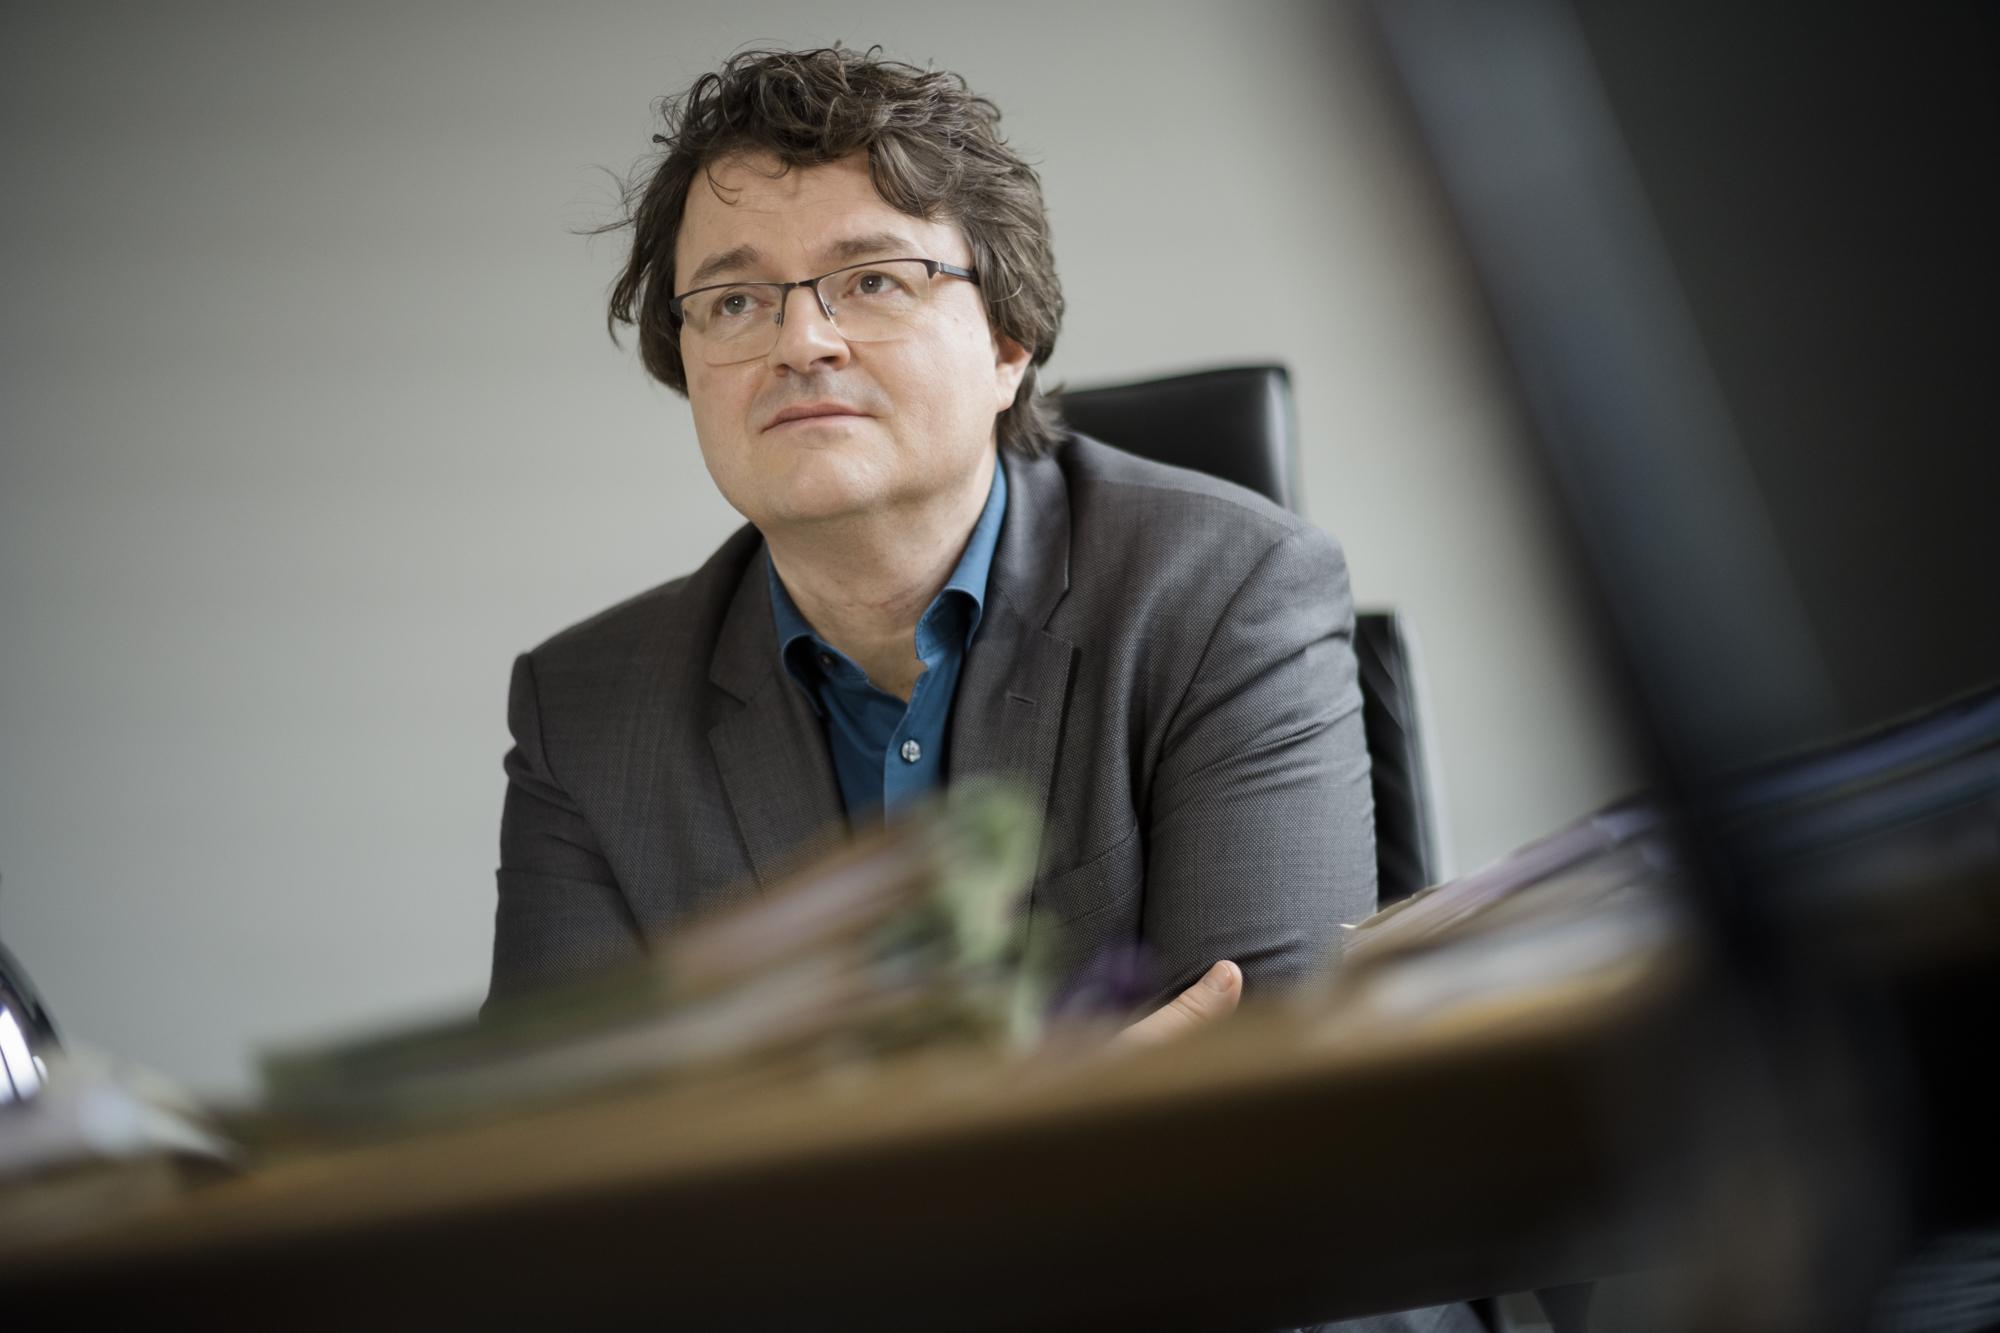 Heiner Soth, Rechtsanwalt und Notar, Fachanwalt für Bau- und Architektenrecht